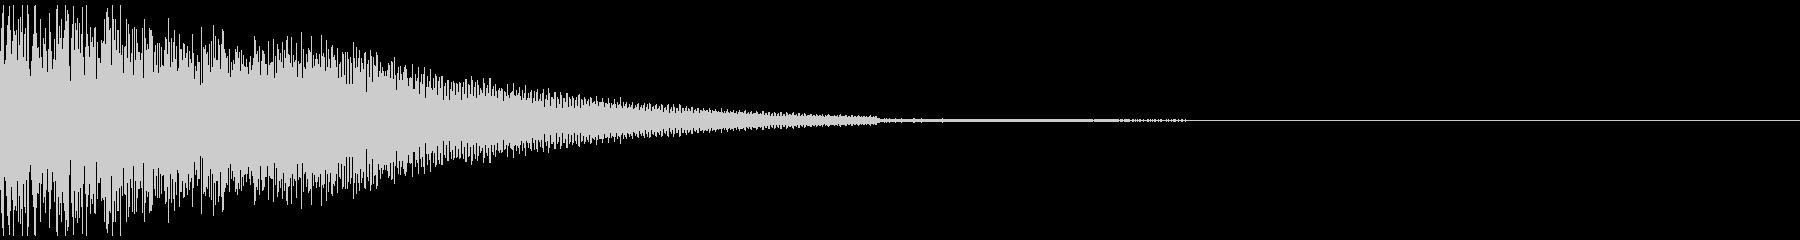 アイキャッチ かっこいい音の未再生の波形